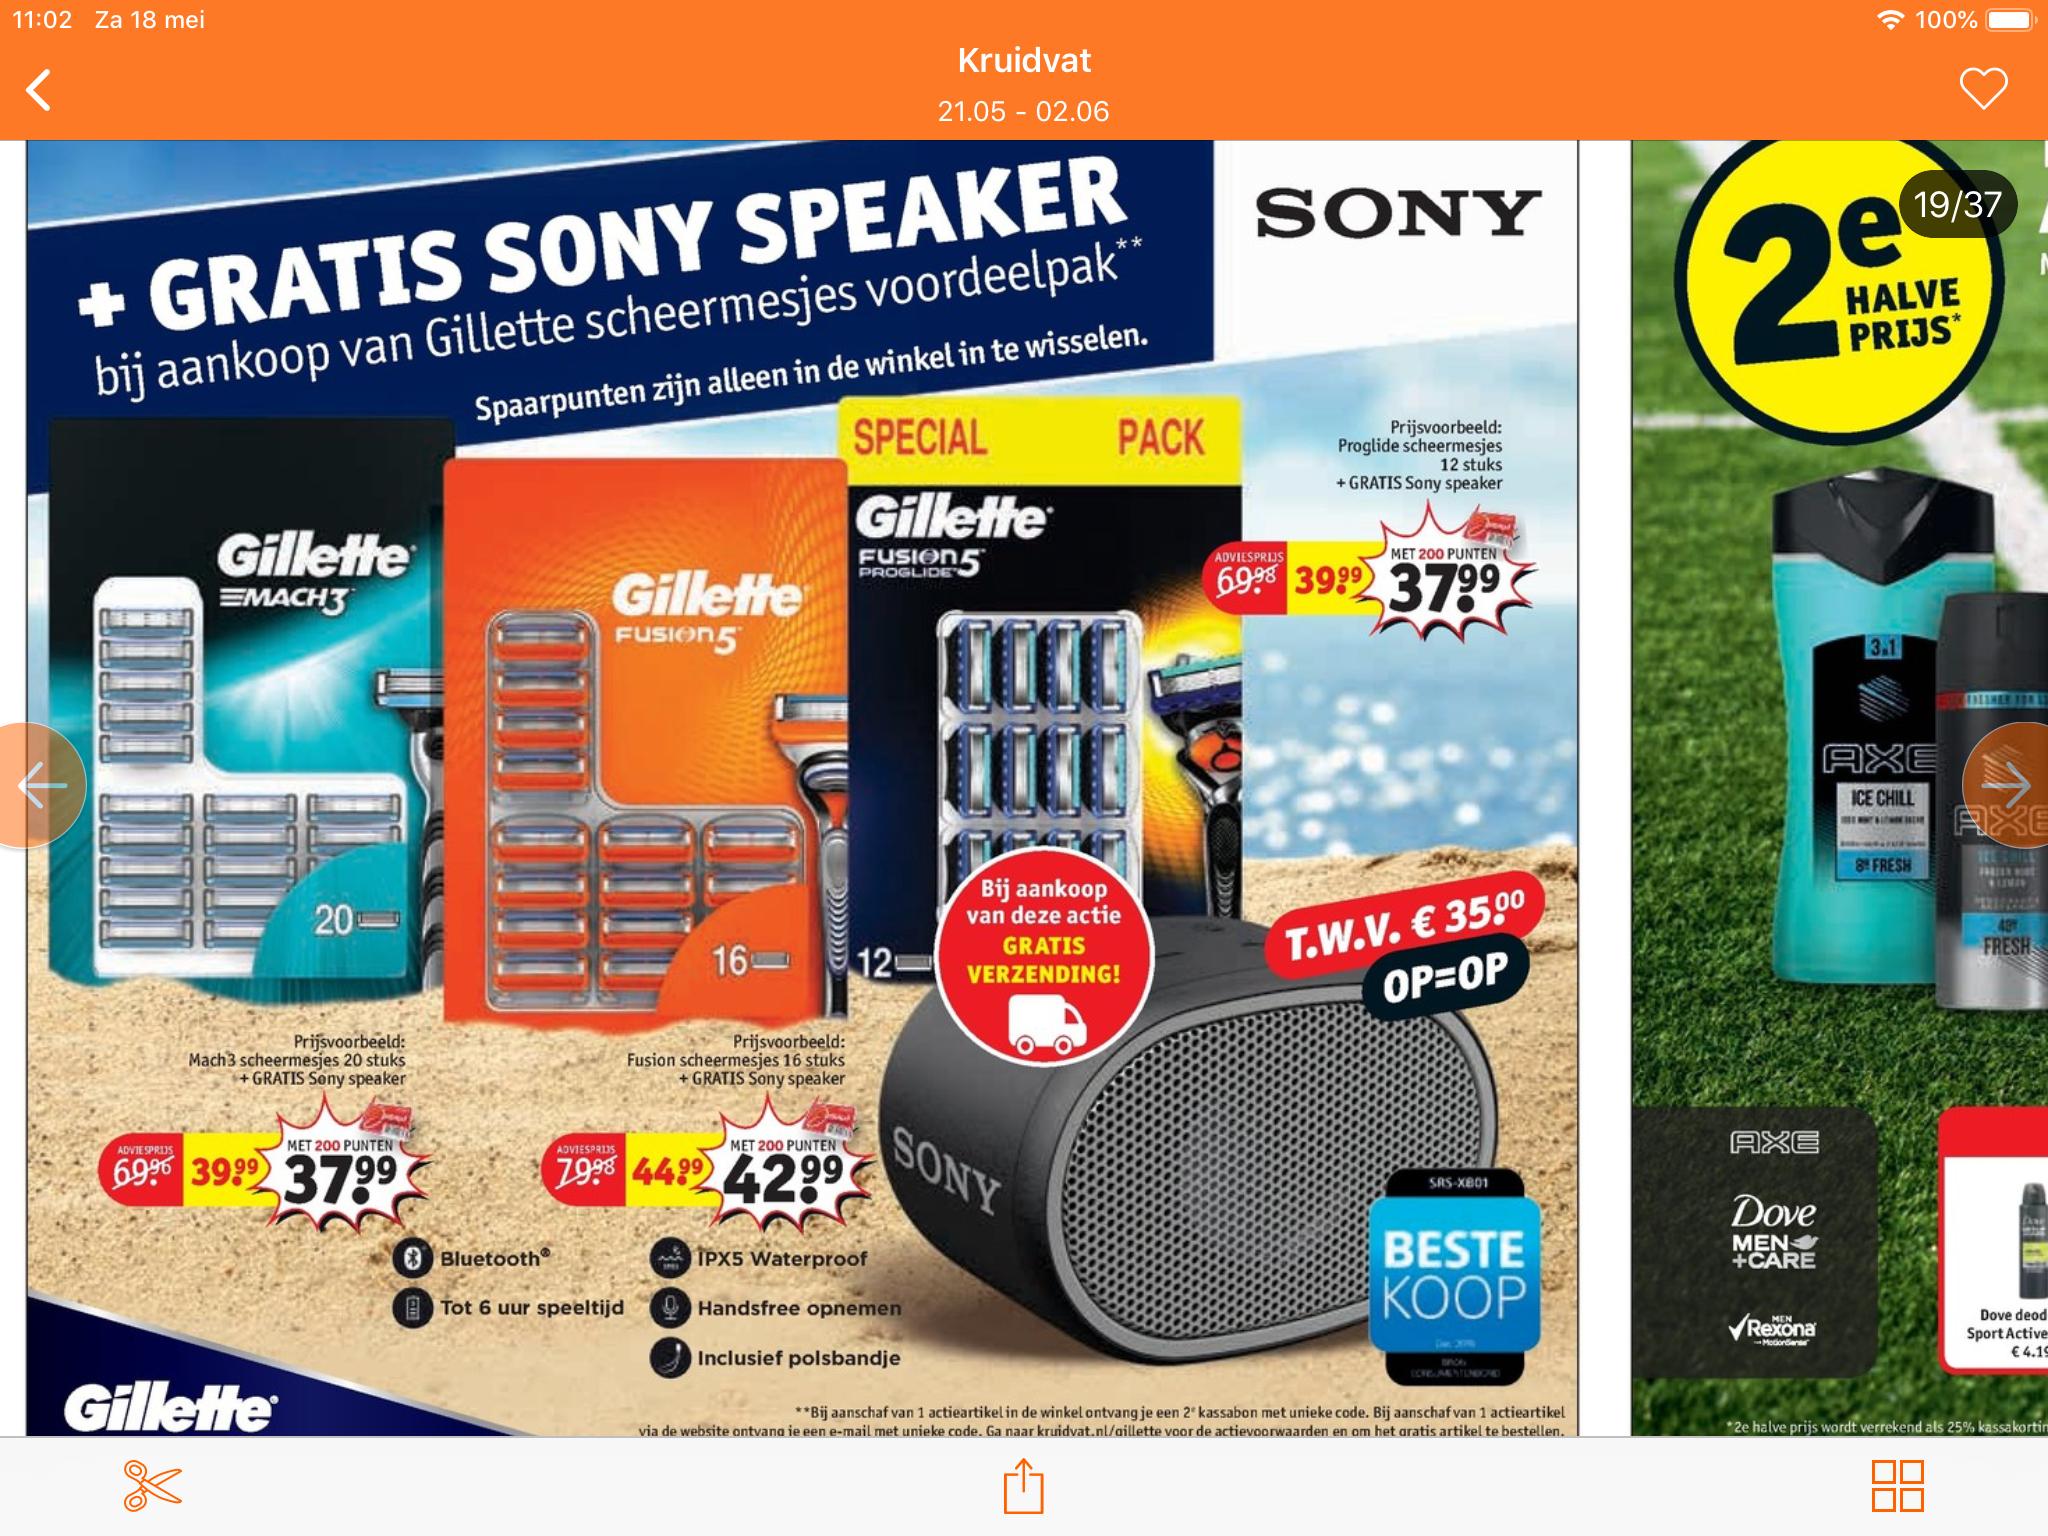 Gratis Sony speaker bij Gilette voordeelpak scheermesjes bij het kruidvat